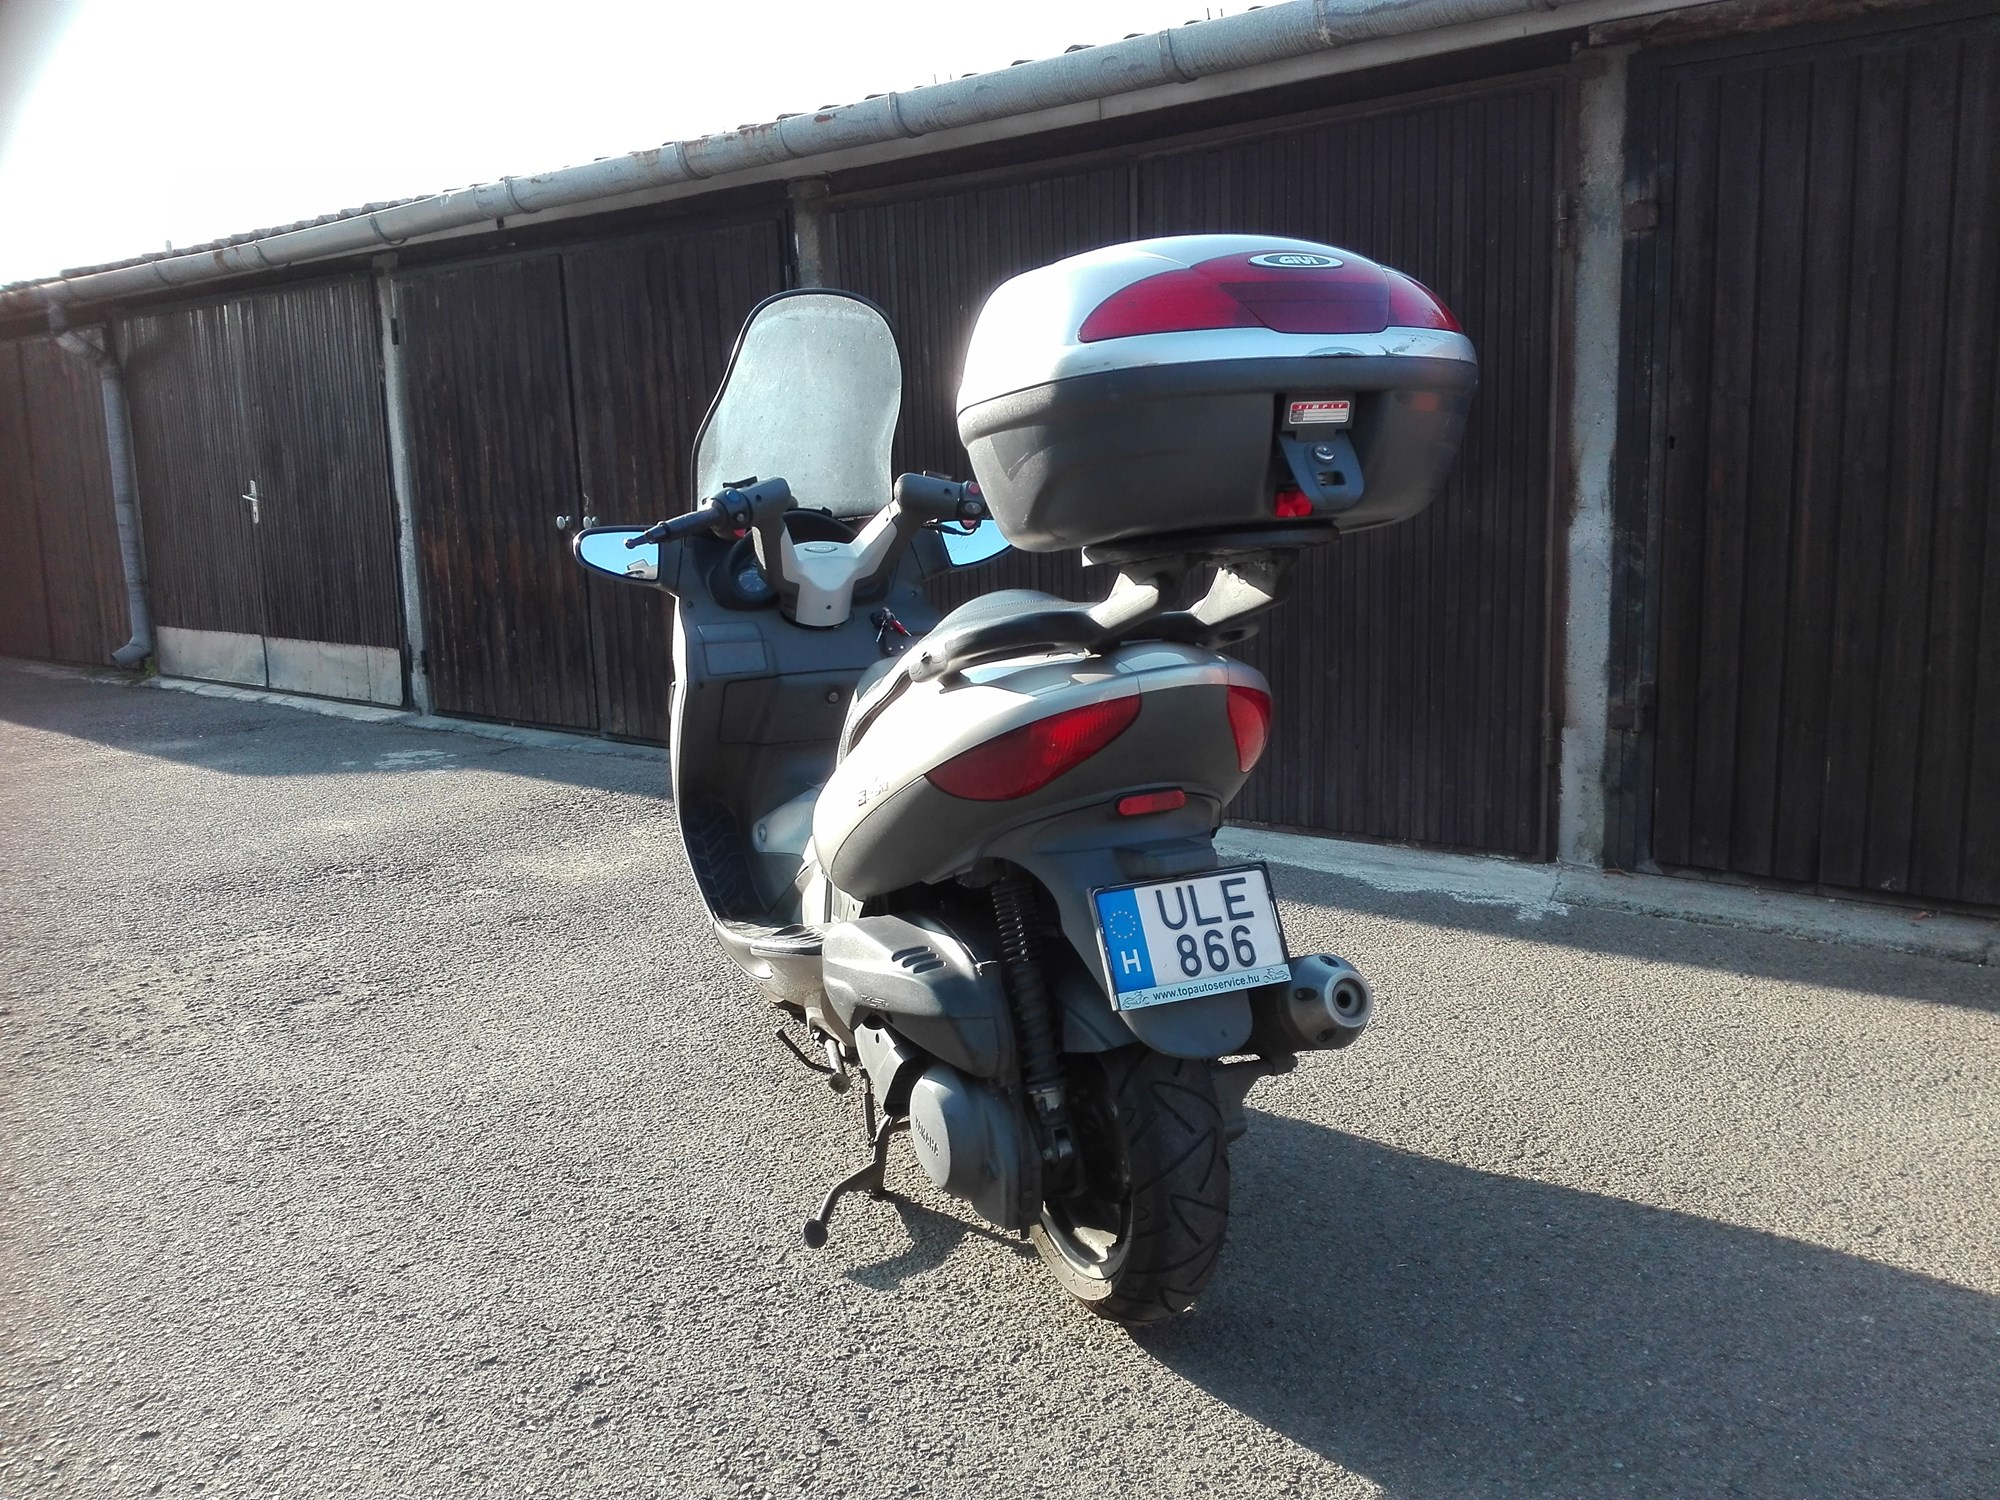 Yamaha, 2. kép